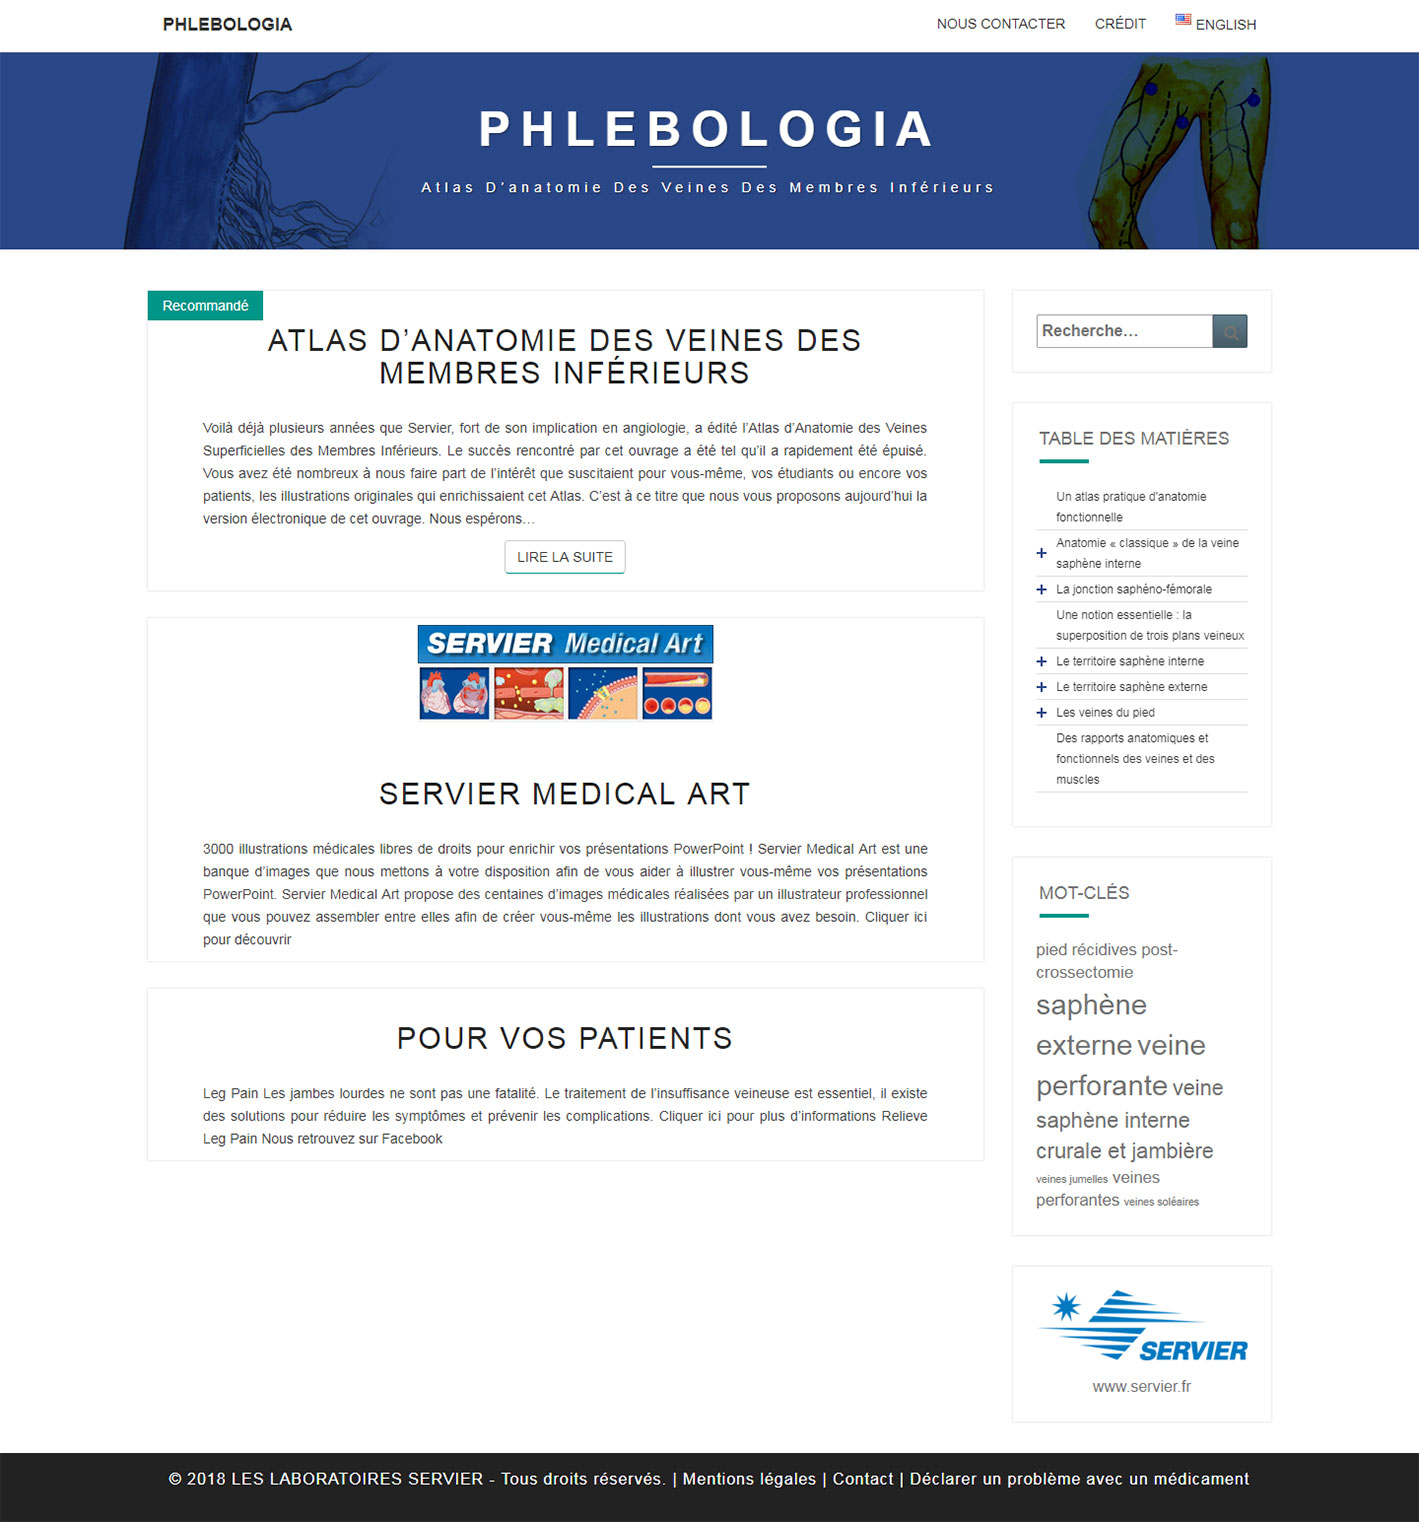 Phlebologia.com